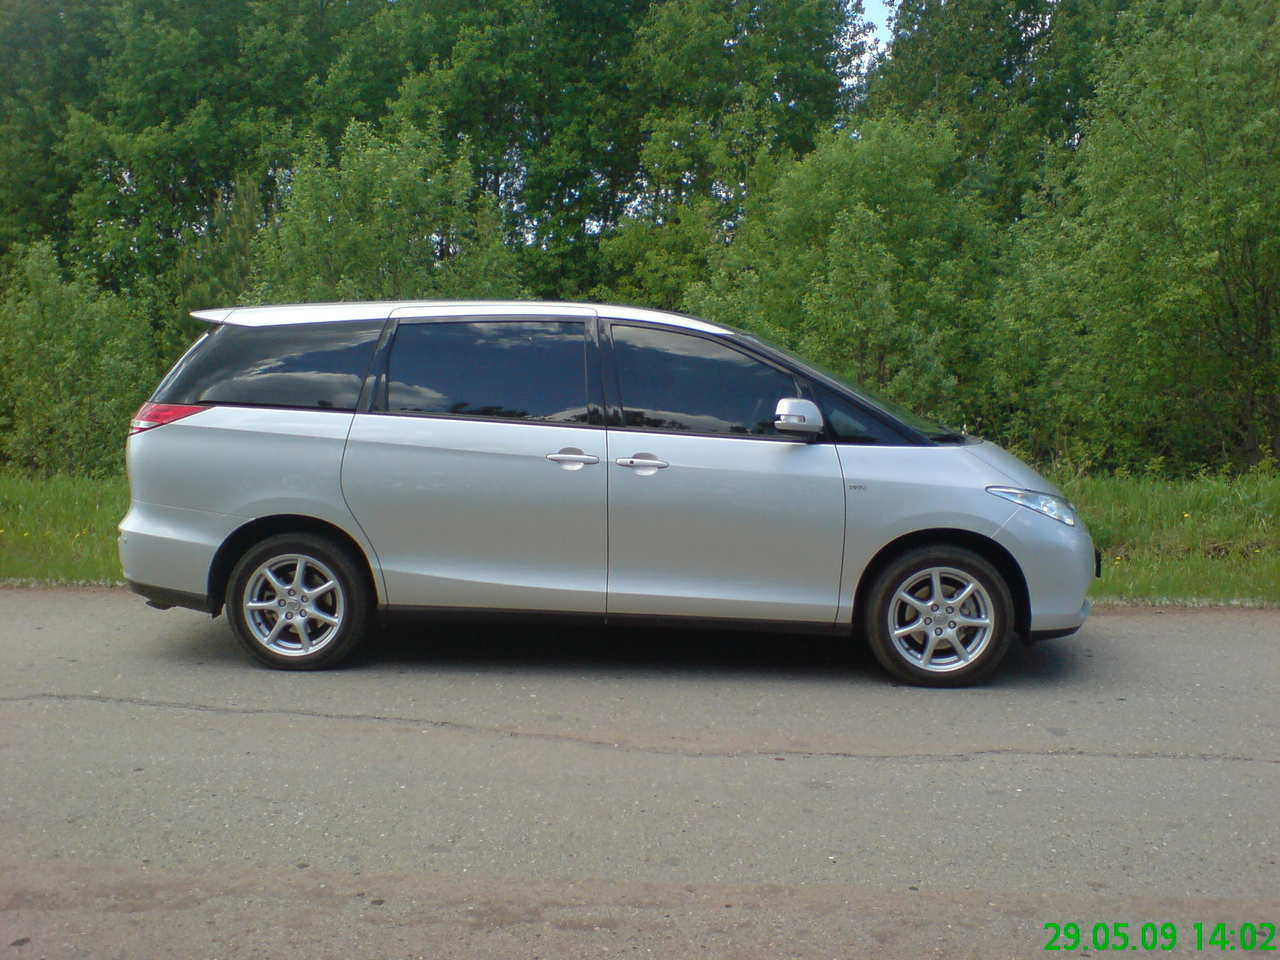 2008 Toyota Previa Pictures 2 4l Gasoline Ff